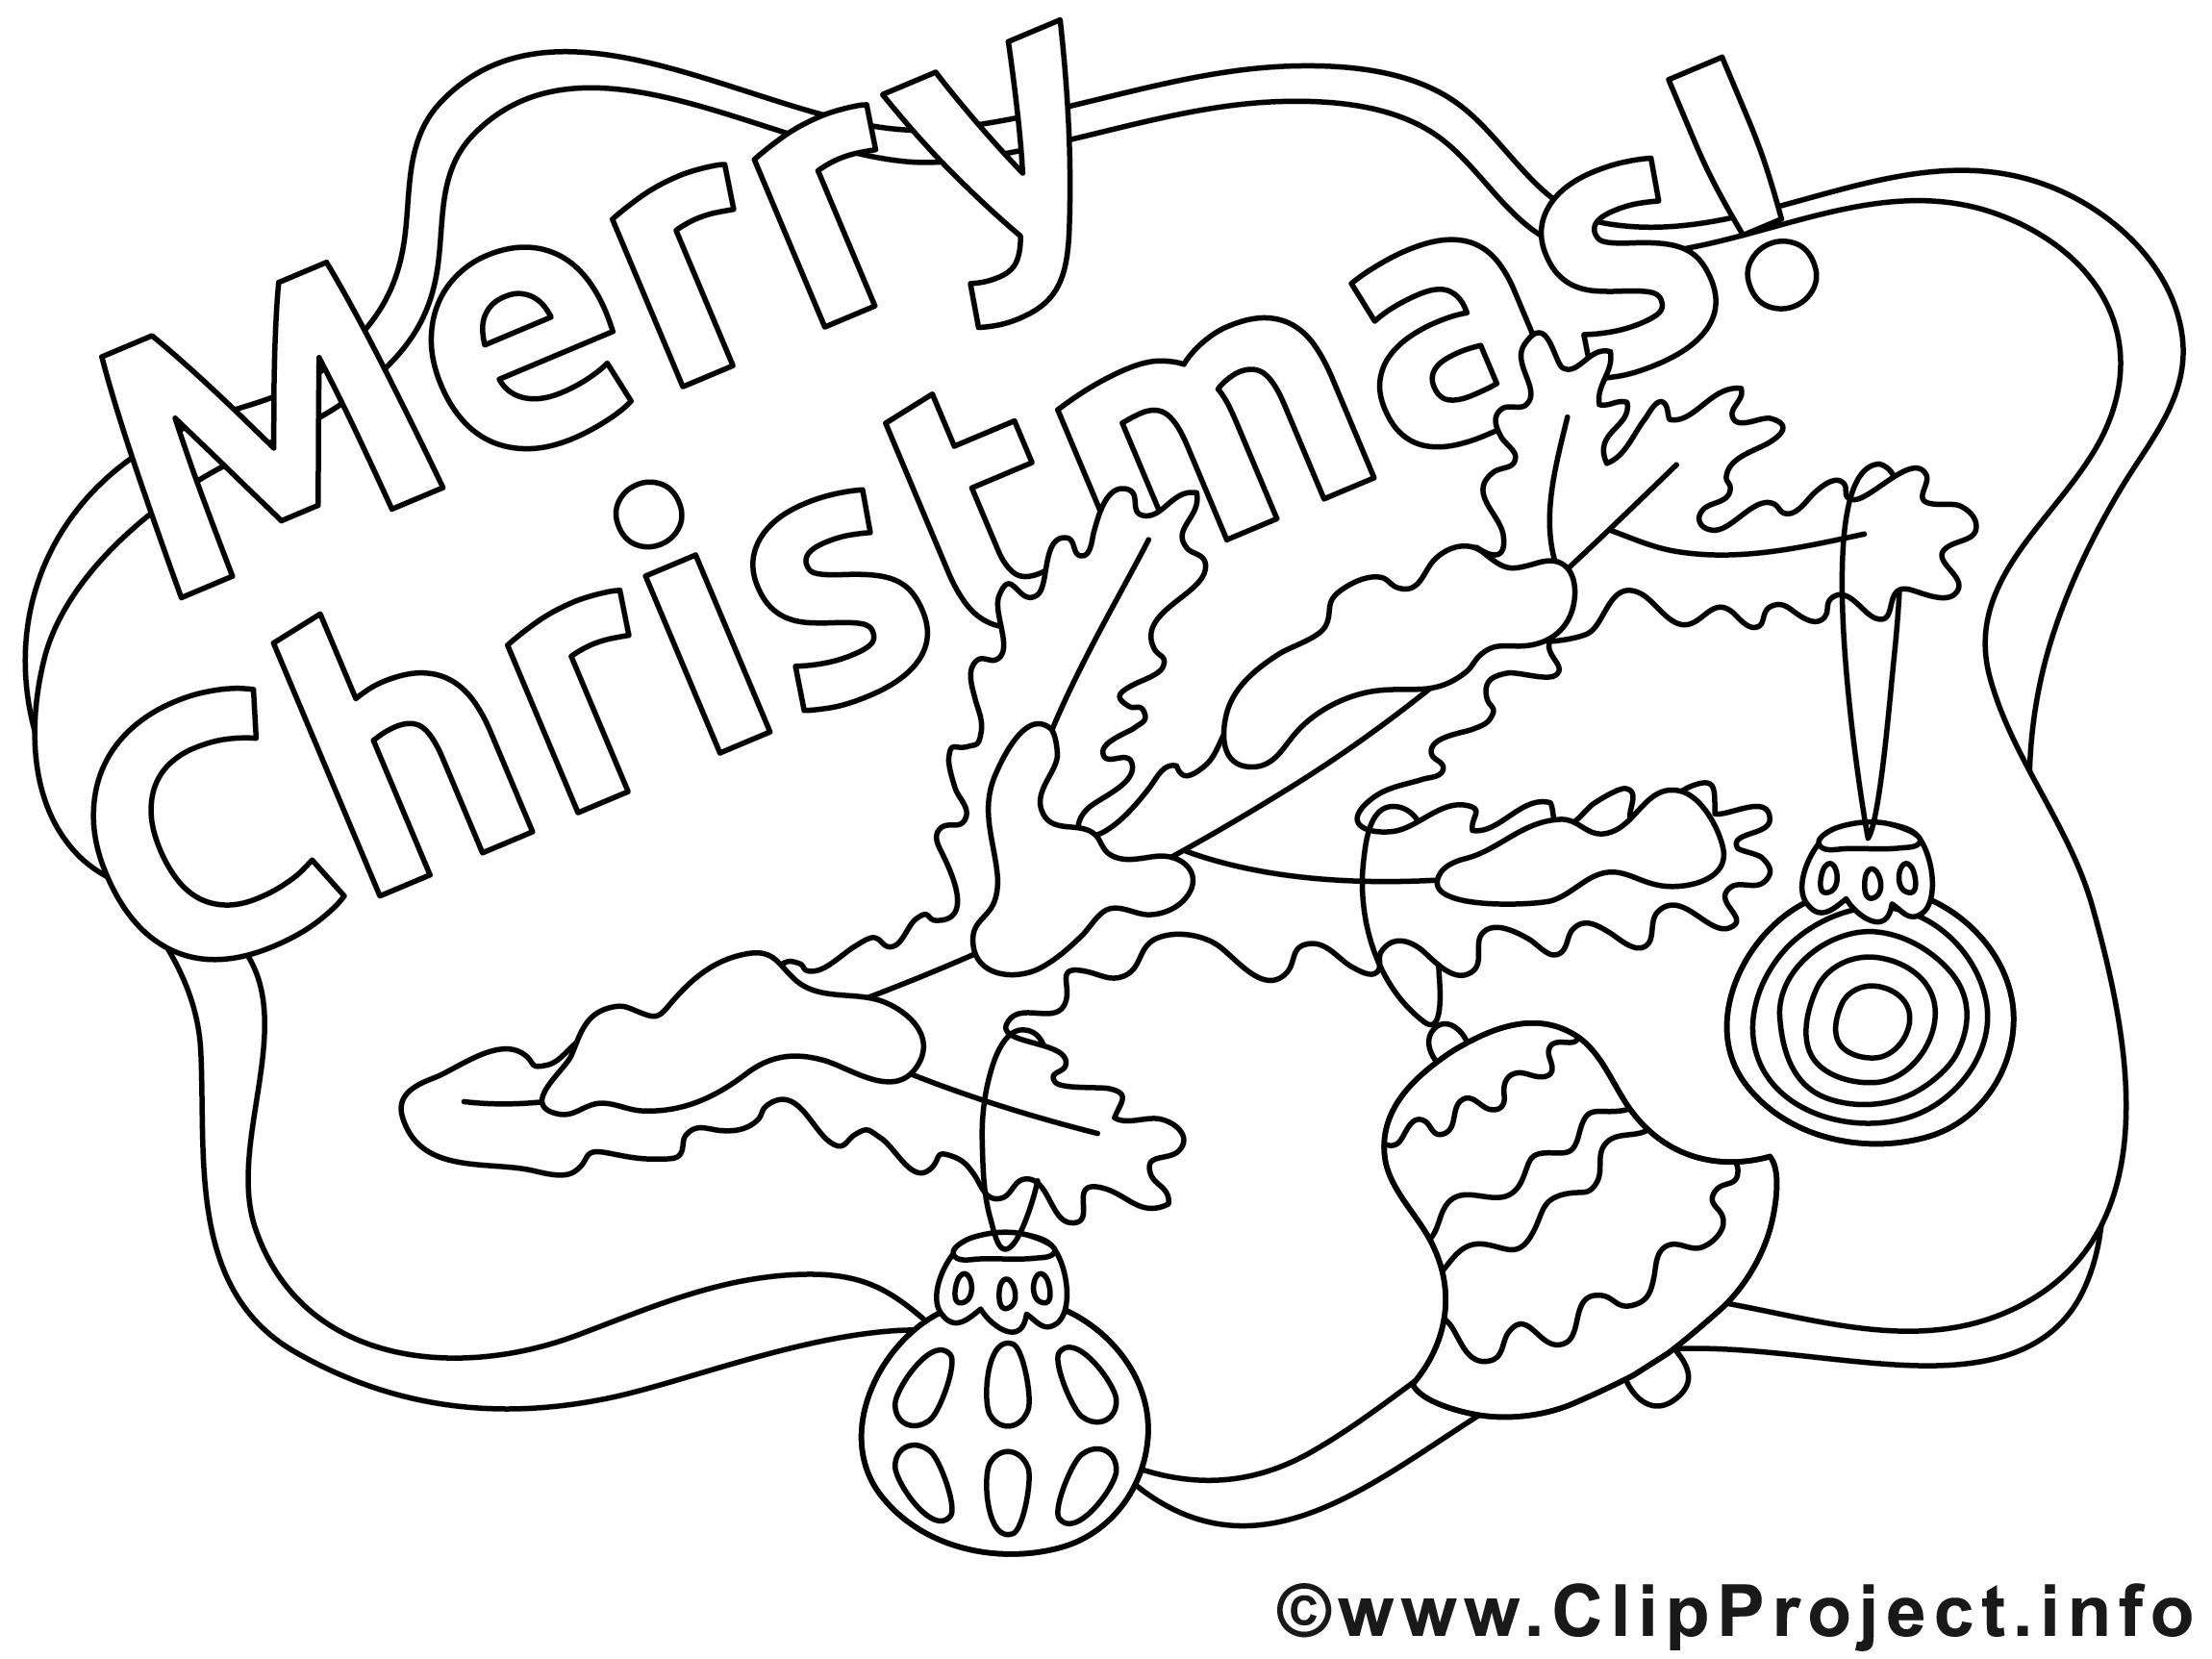 Ausmalbilder Für Kleinkinder Weihnachten Einzigartig Frei Bedruckbare Prinzessin Malvorlagen Dr Seuss Druckbare Das Bild